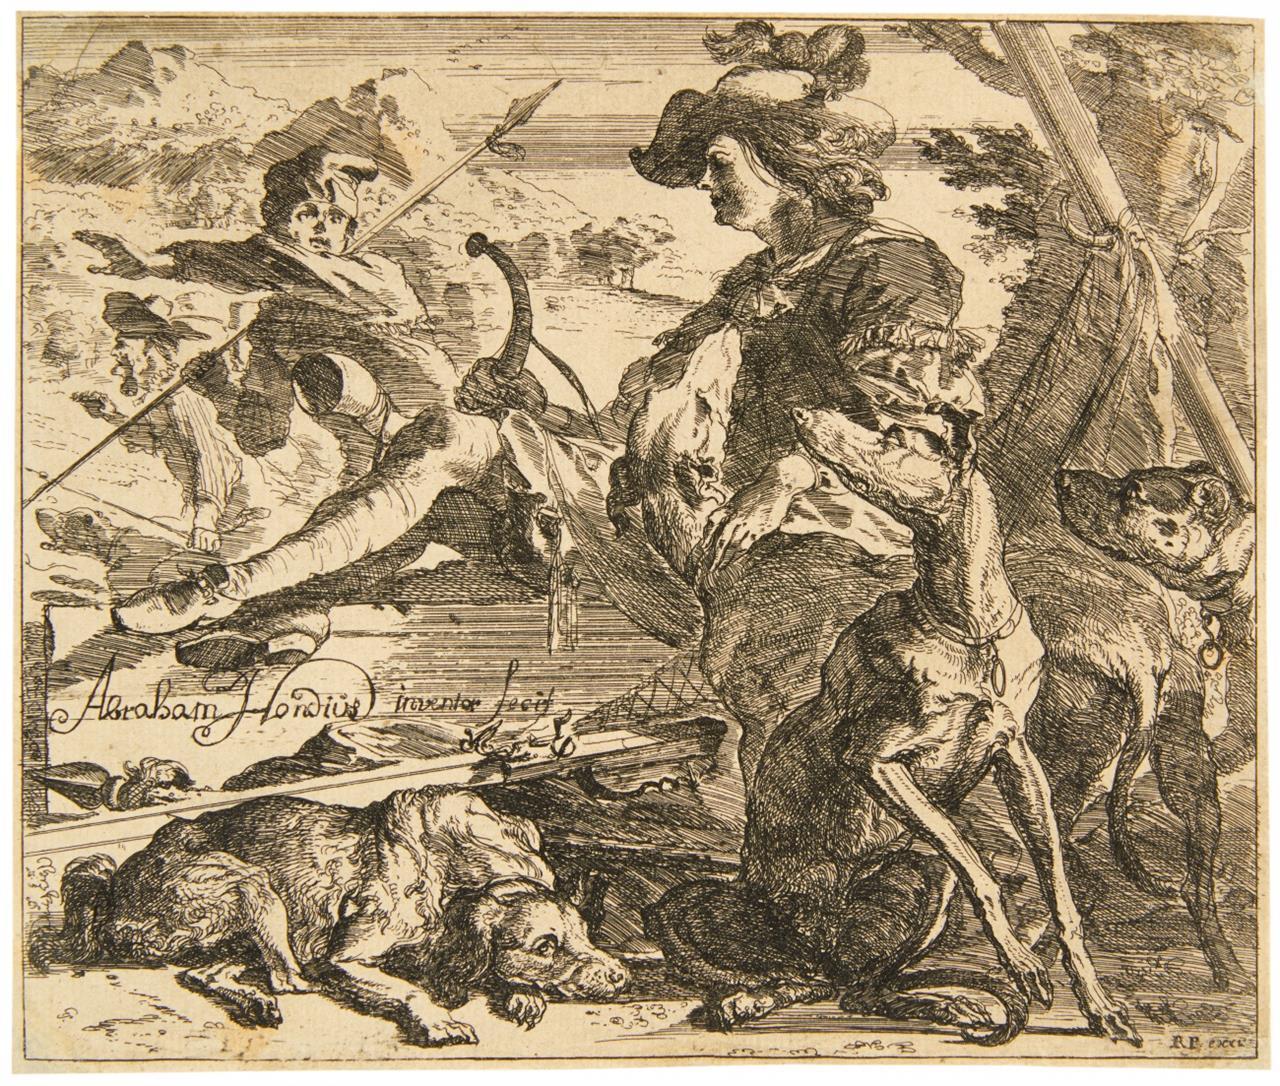 Abraham Hondius. Titel zu Verschiedene Tiere. 1672.  Radierung. H. 1 II.